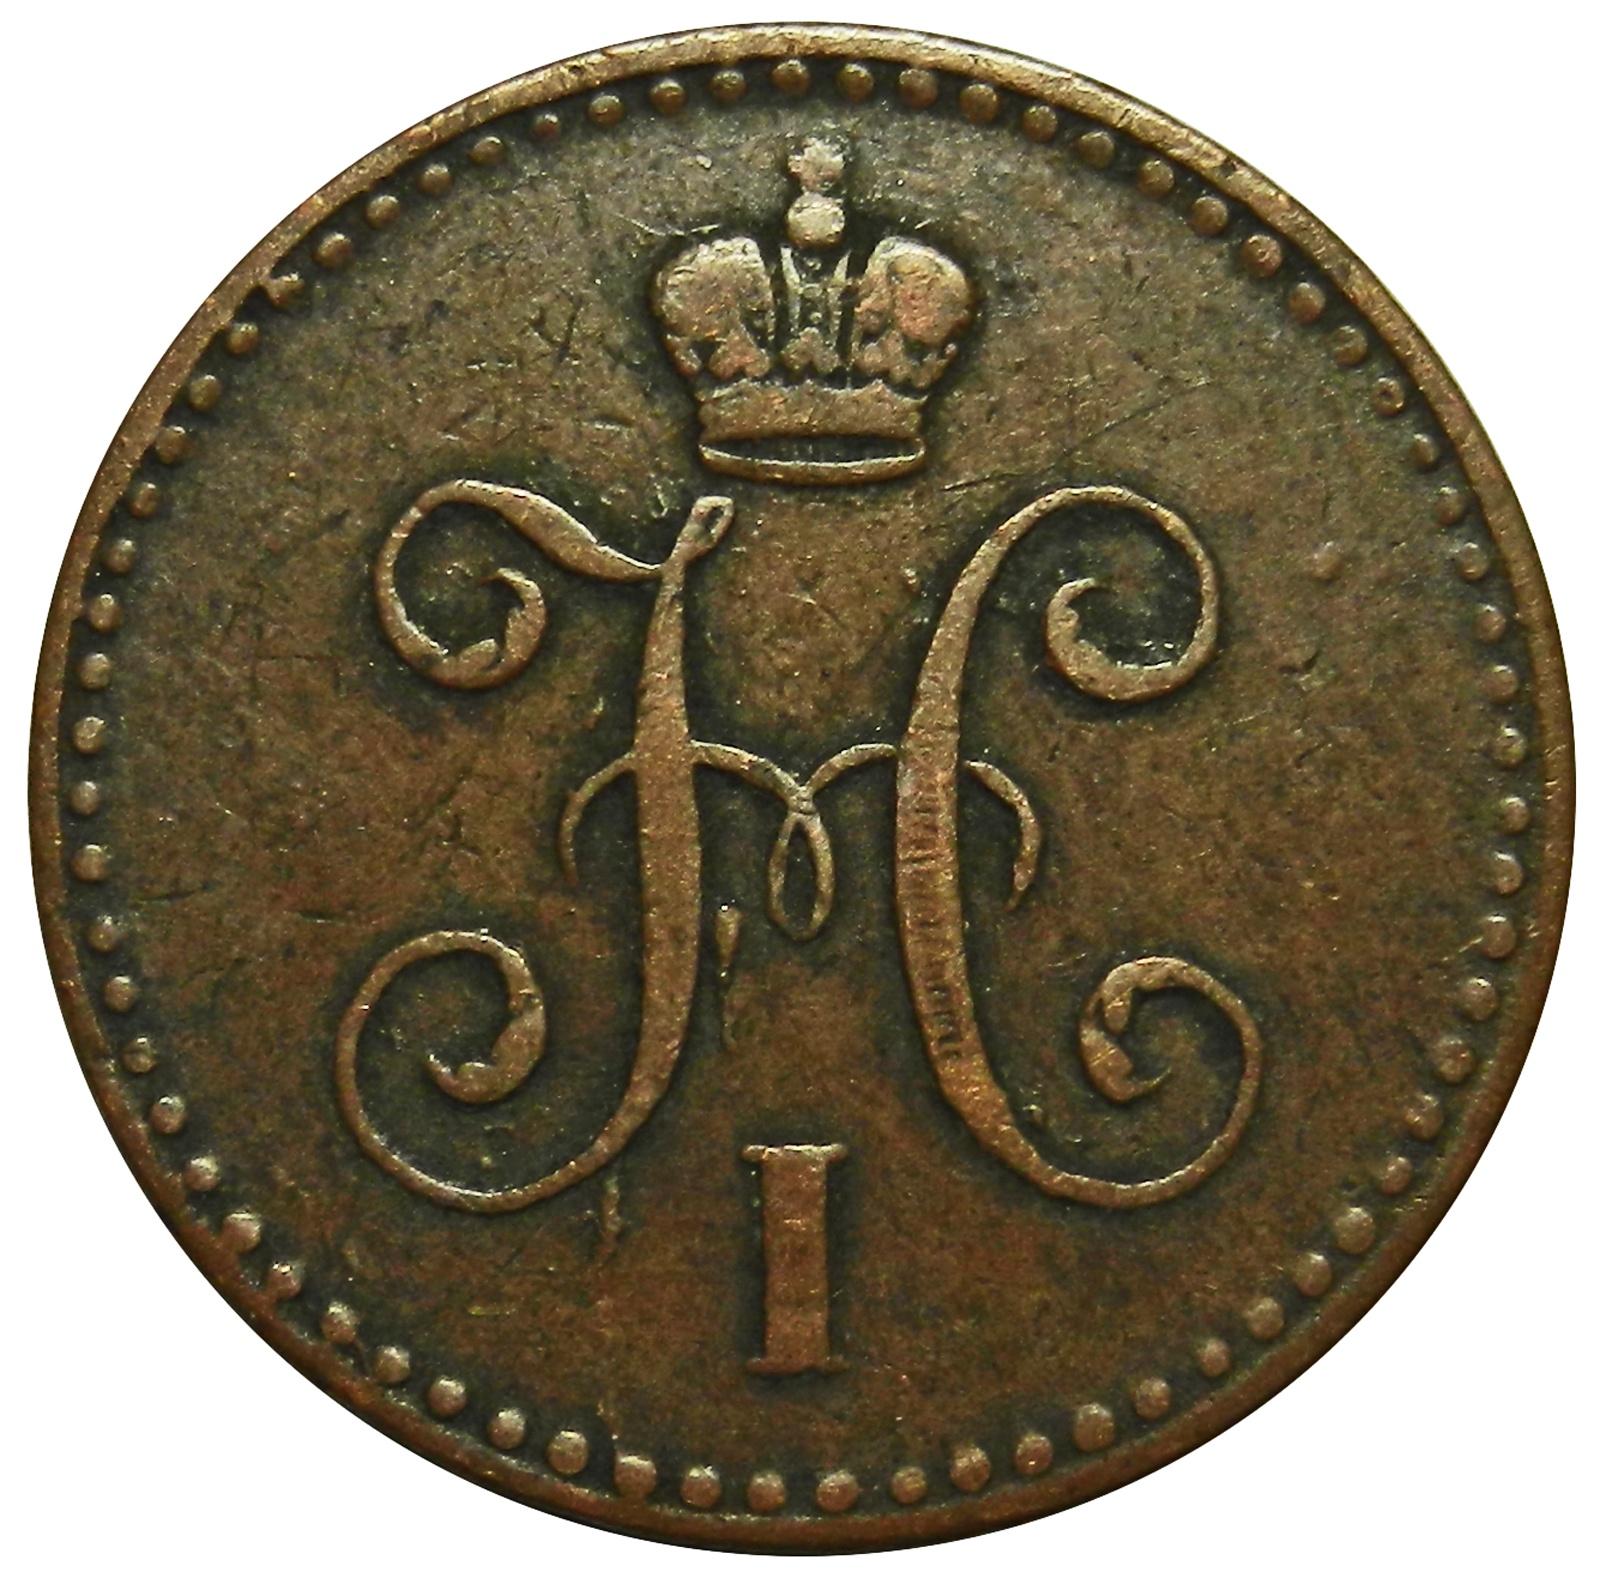 Монета 1 копейка серебром. Медь. Российская Империя, СПМ, 1840 год (XF)